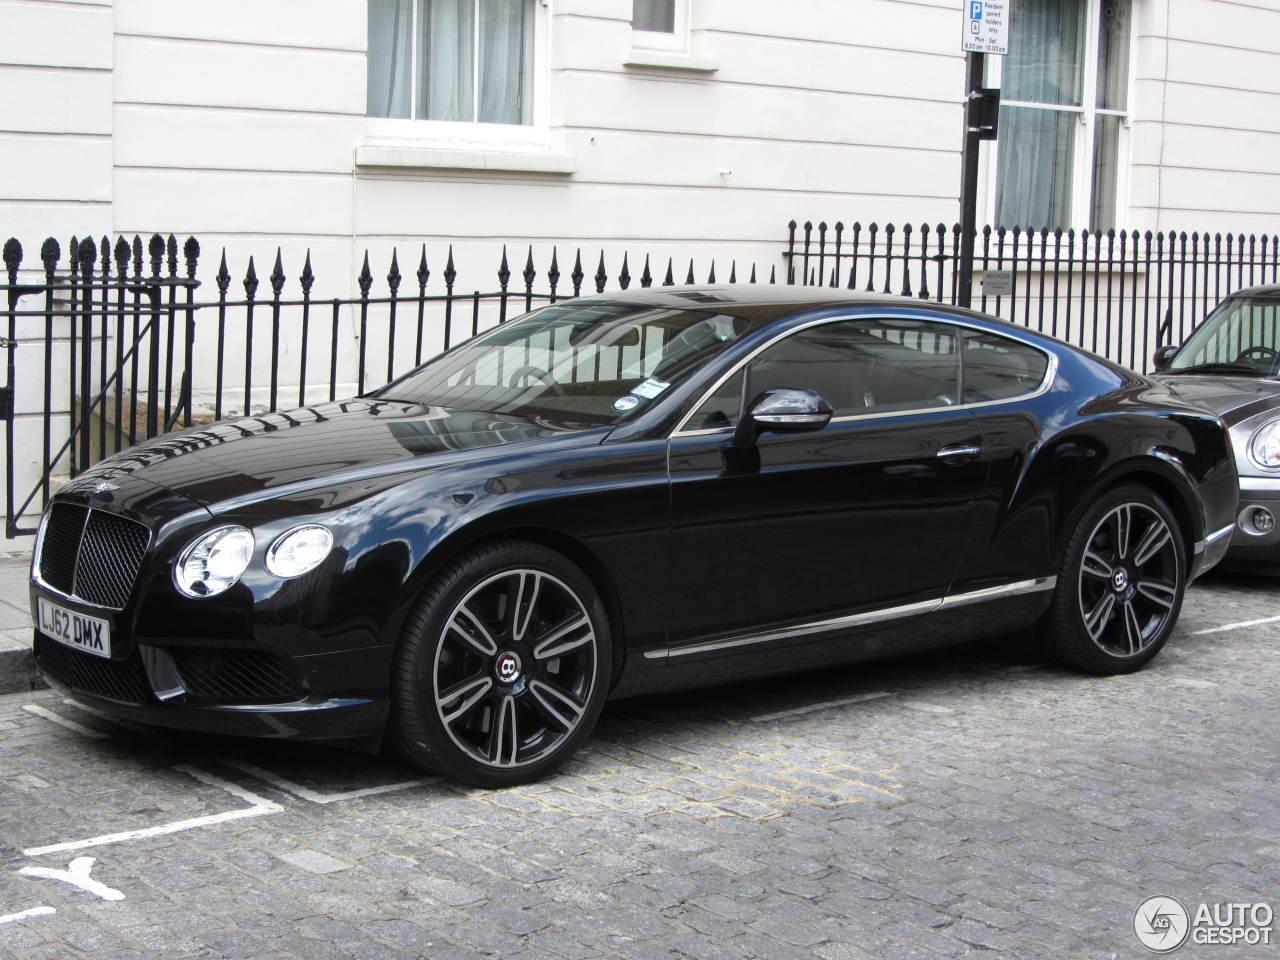 Bentley continental gt v8 28 october 2013 autogespot 2 i bentley continental gt v8 2 vanachro Image collections